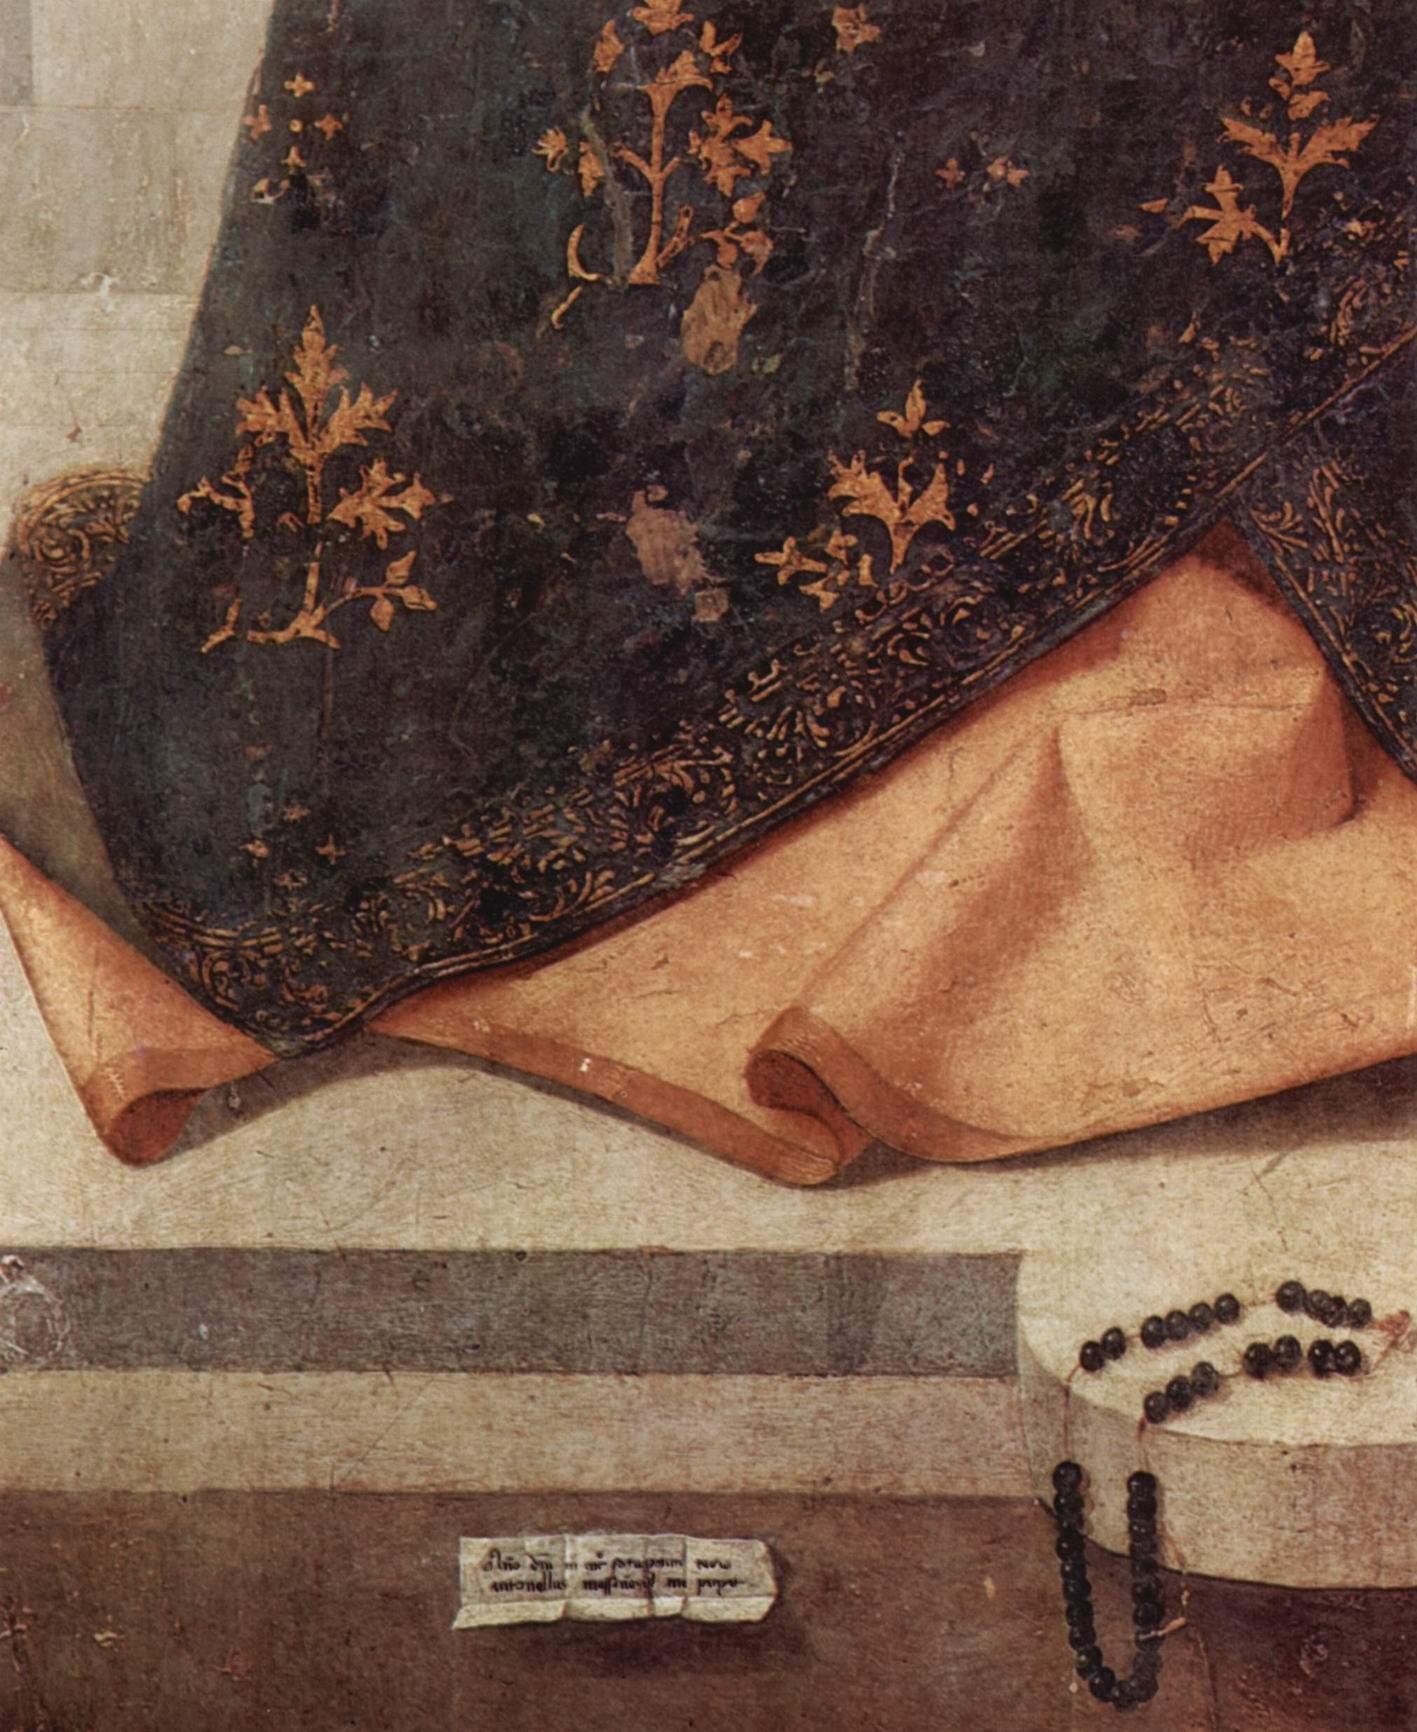 Полиптих св. Григория, центральная доска, Мадонна на троне. Деталь  подпись художника и датировка, выполненная его рукой, Антонелло да Мессина